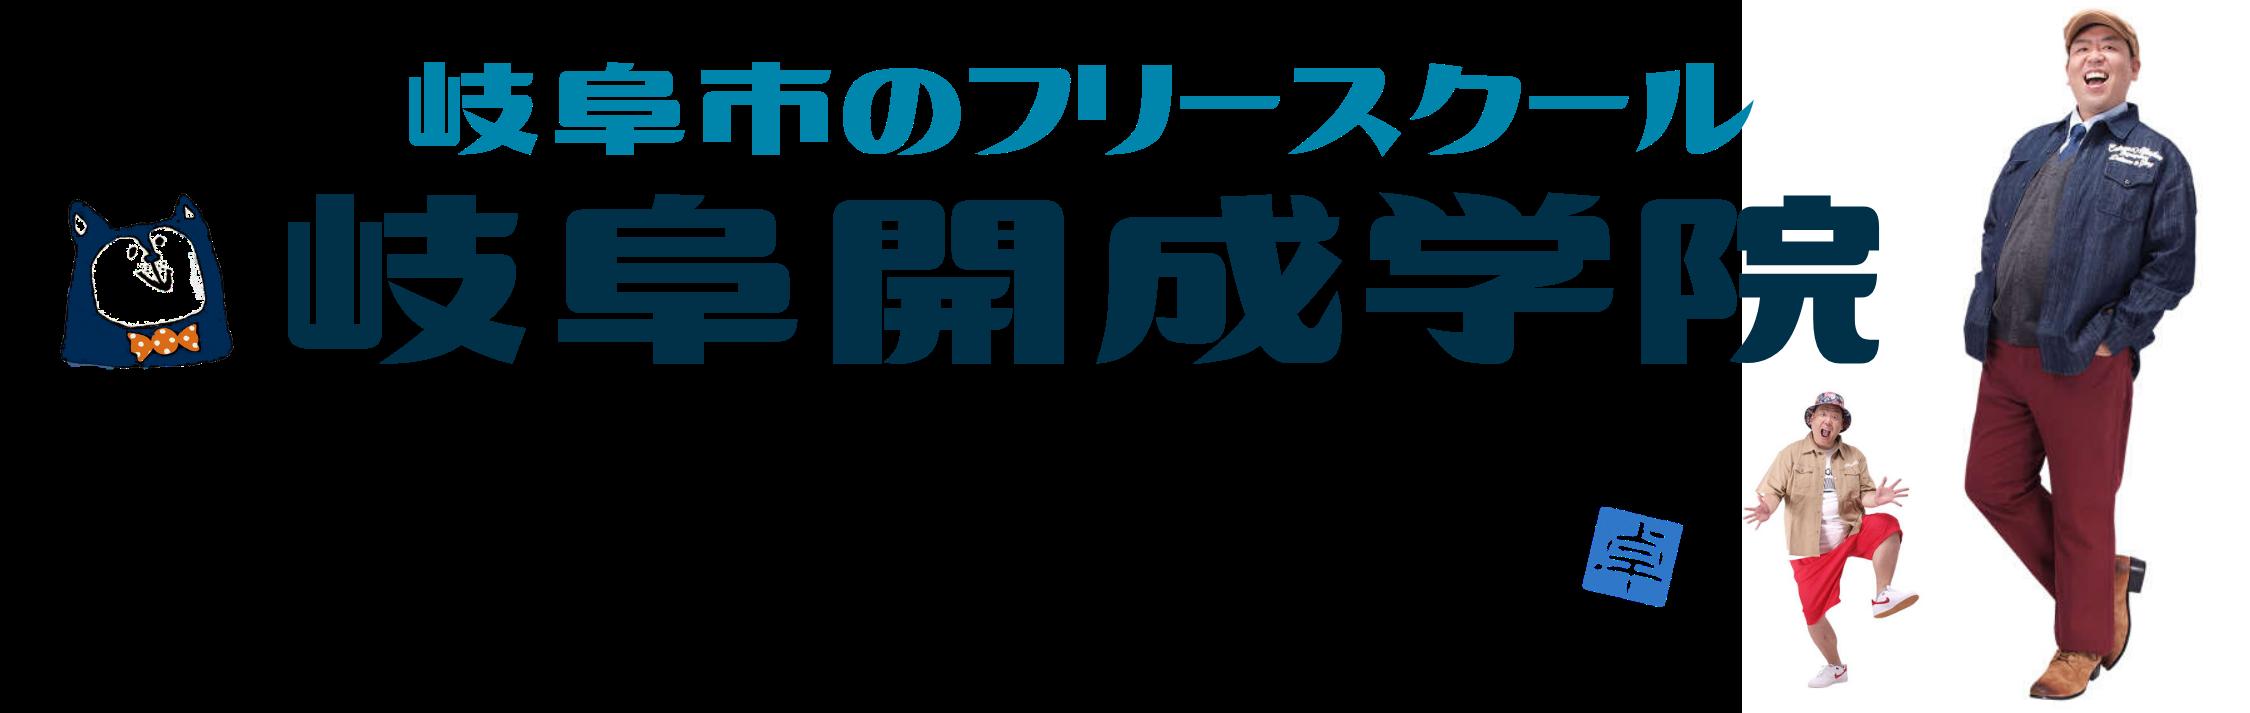 岐阜市のフリースクール・岐阜開成学院 山本卓司のブログ